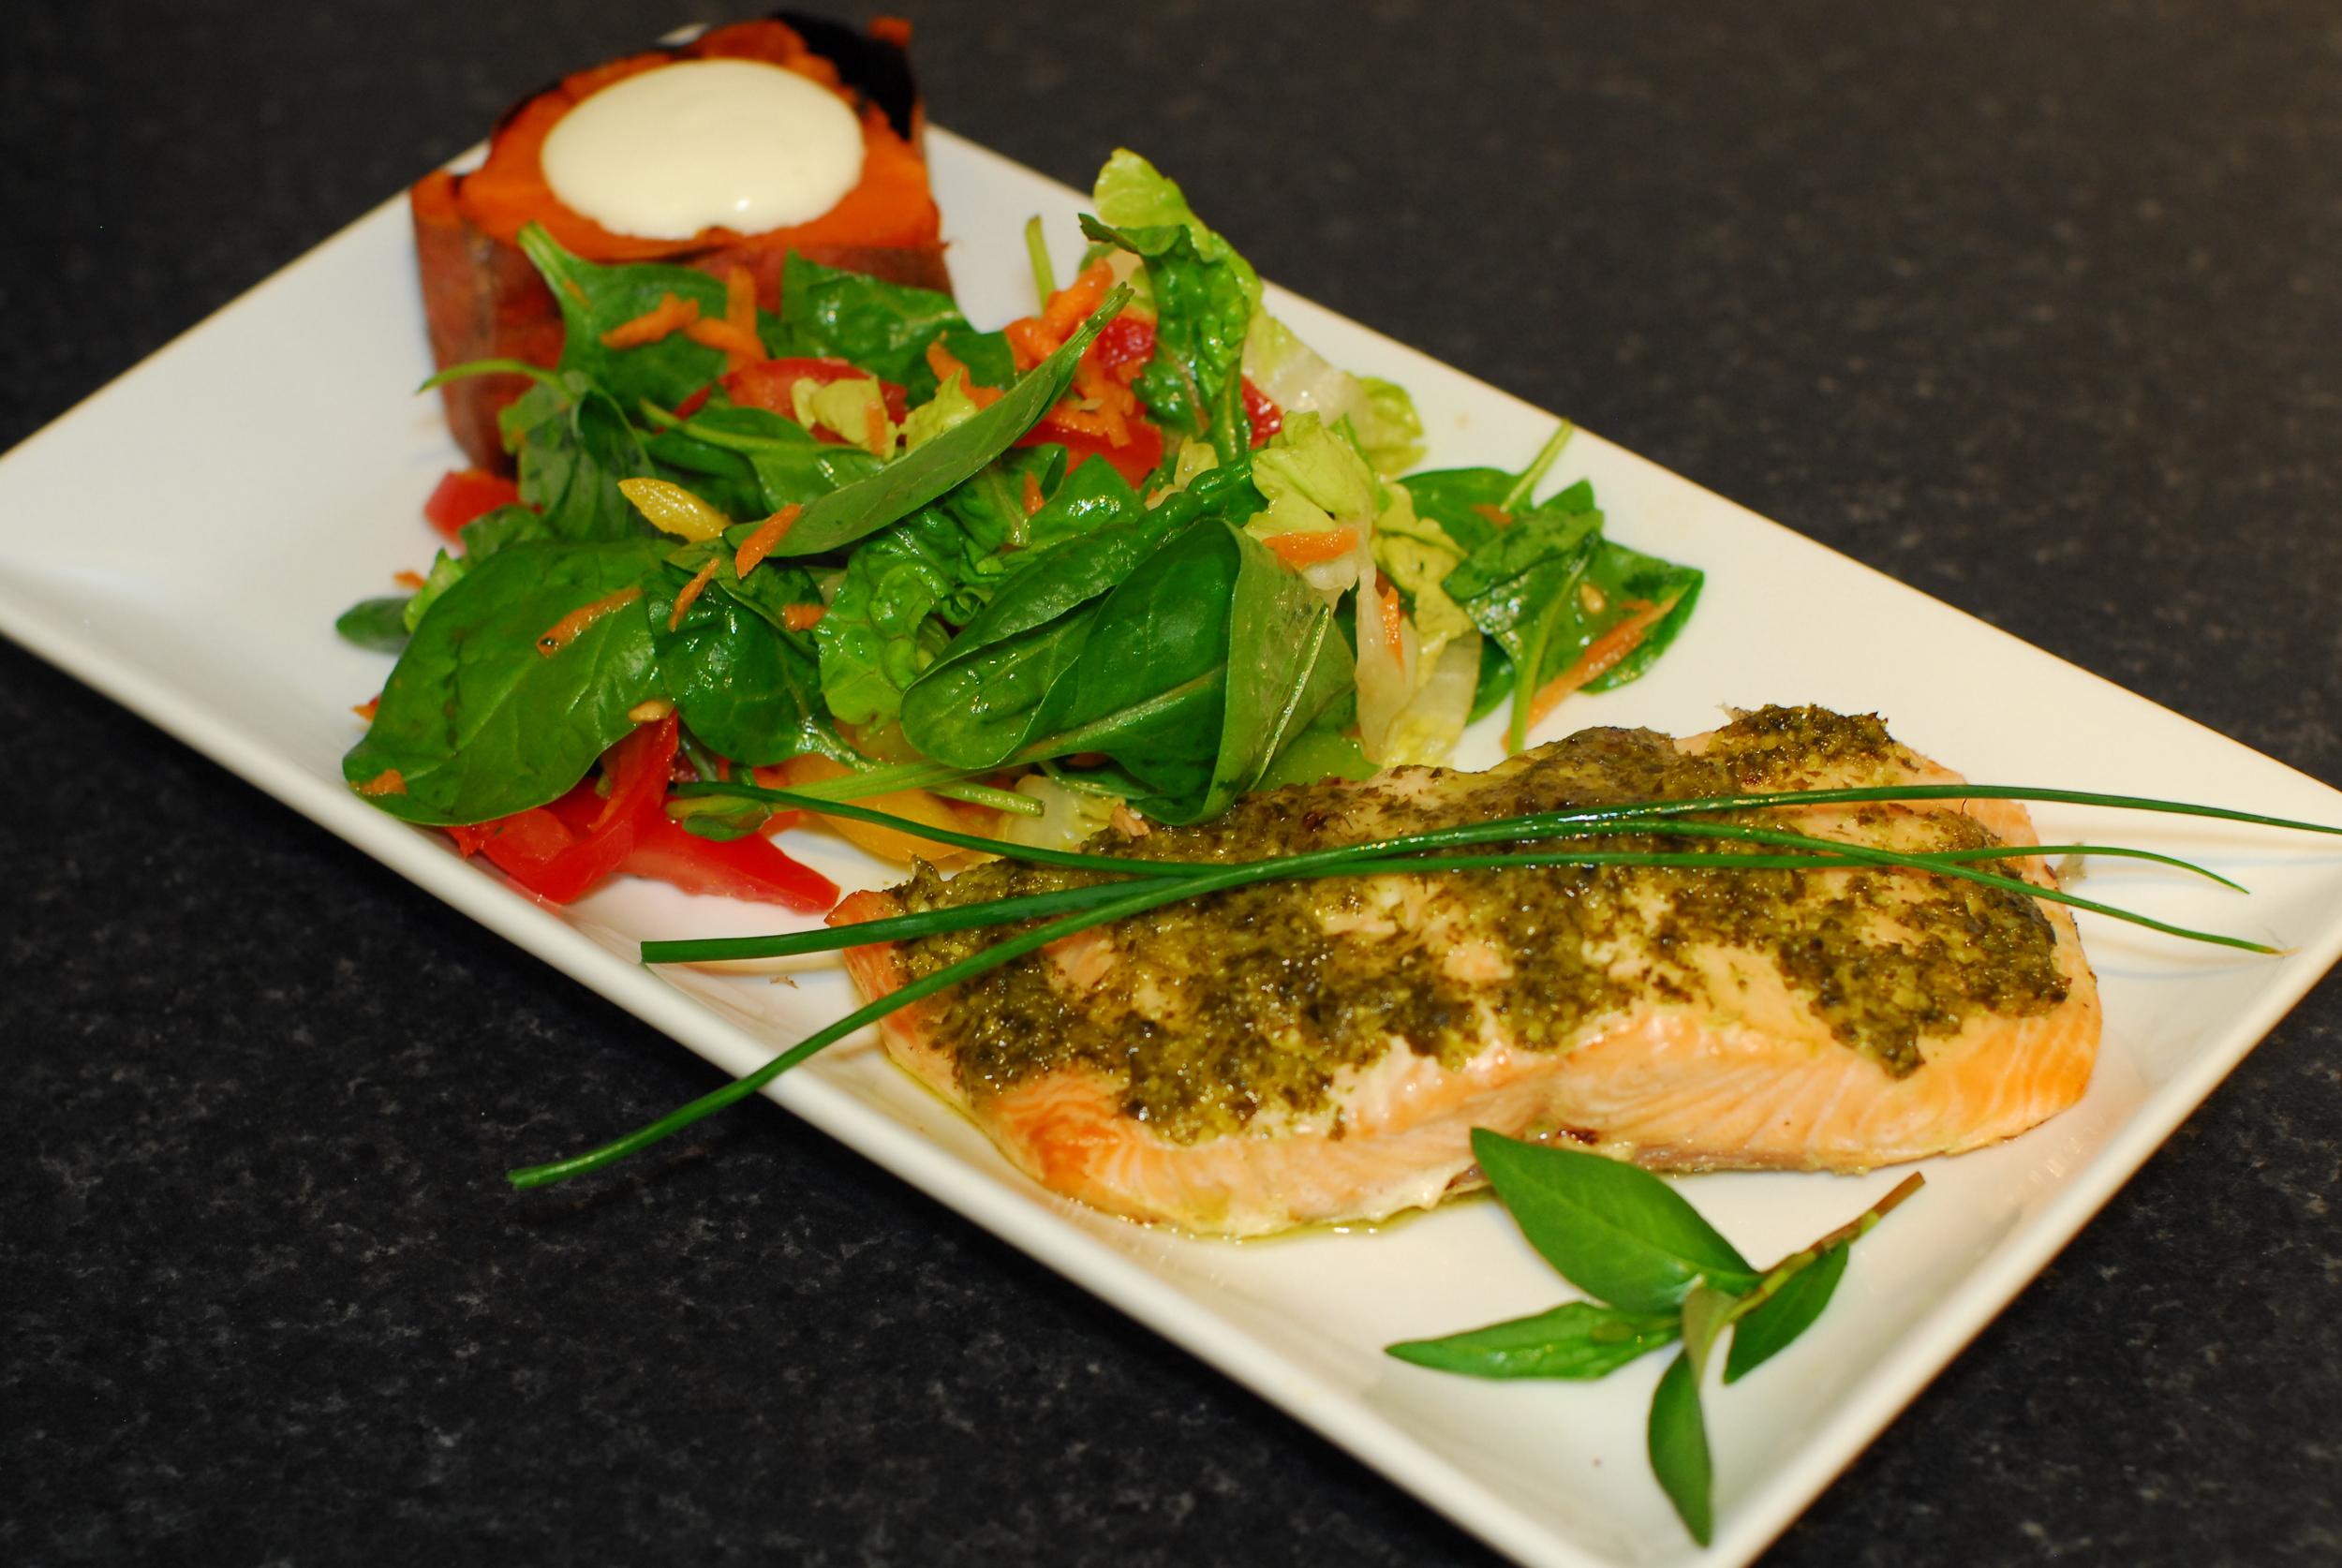 Salmon, salad and sweet potato